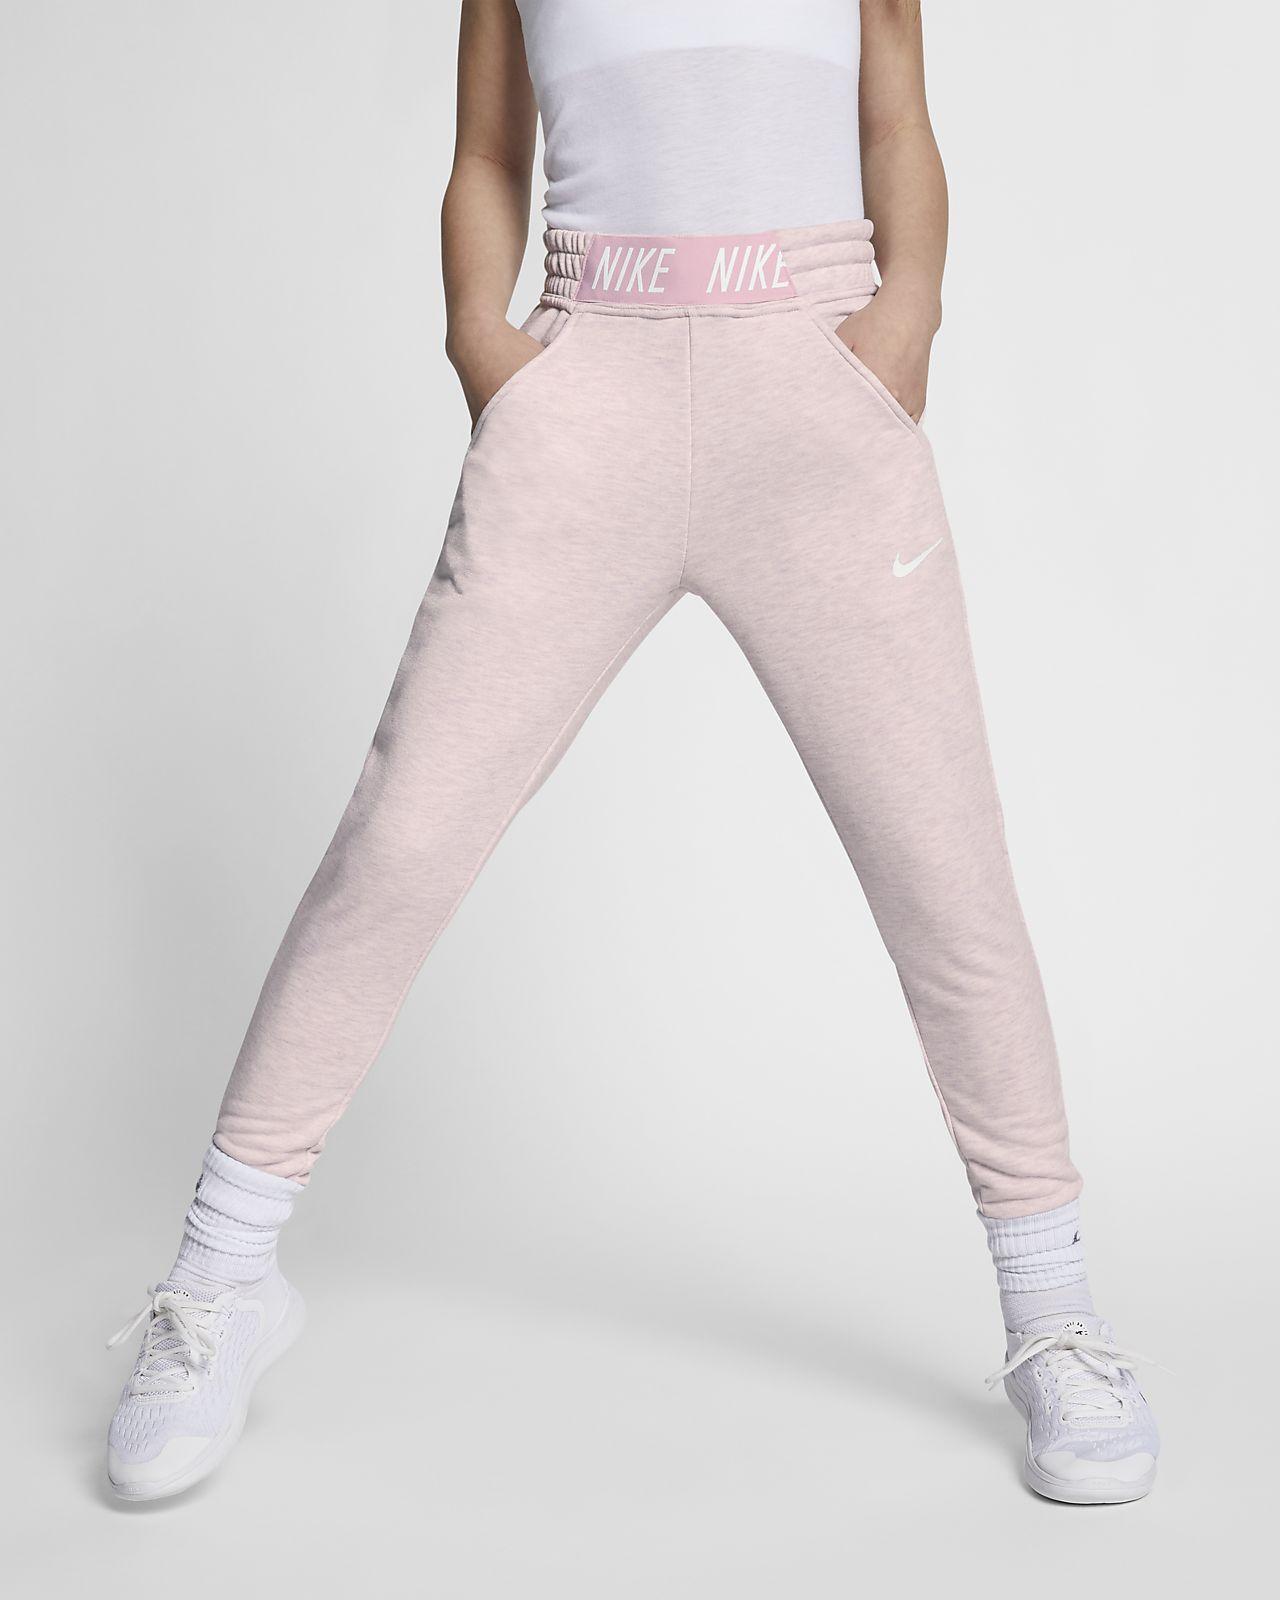 Pantaloni da training Nike - Ragazza